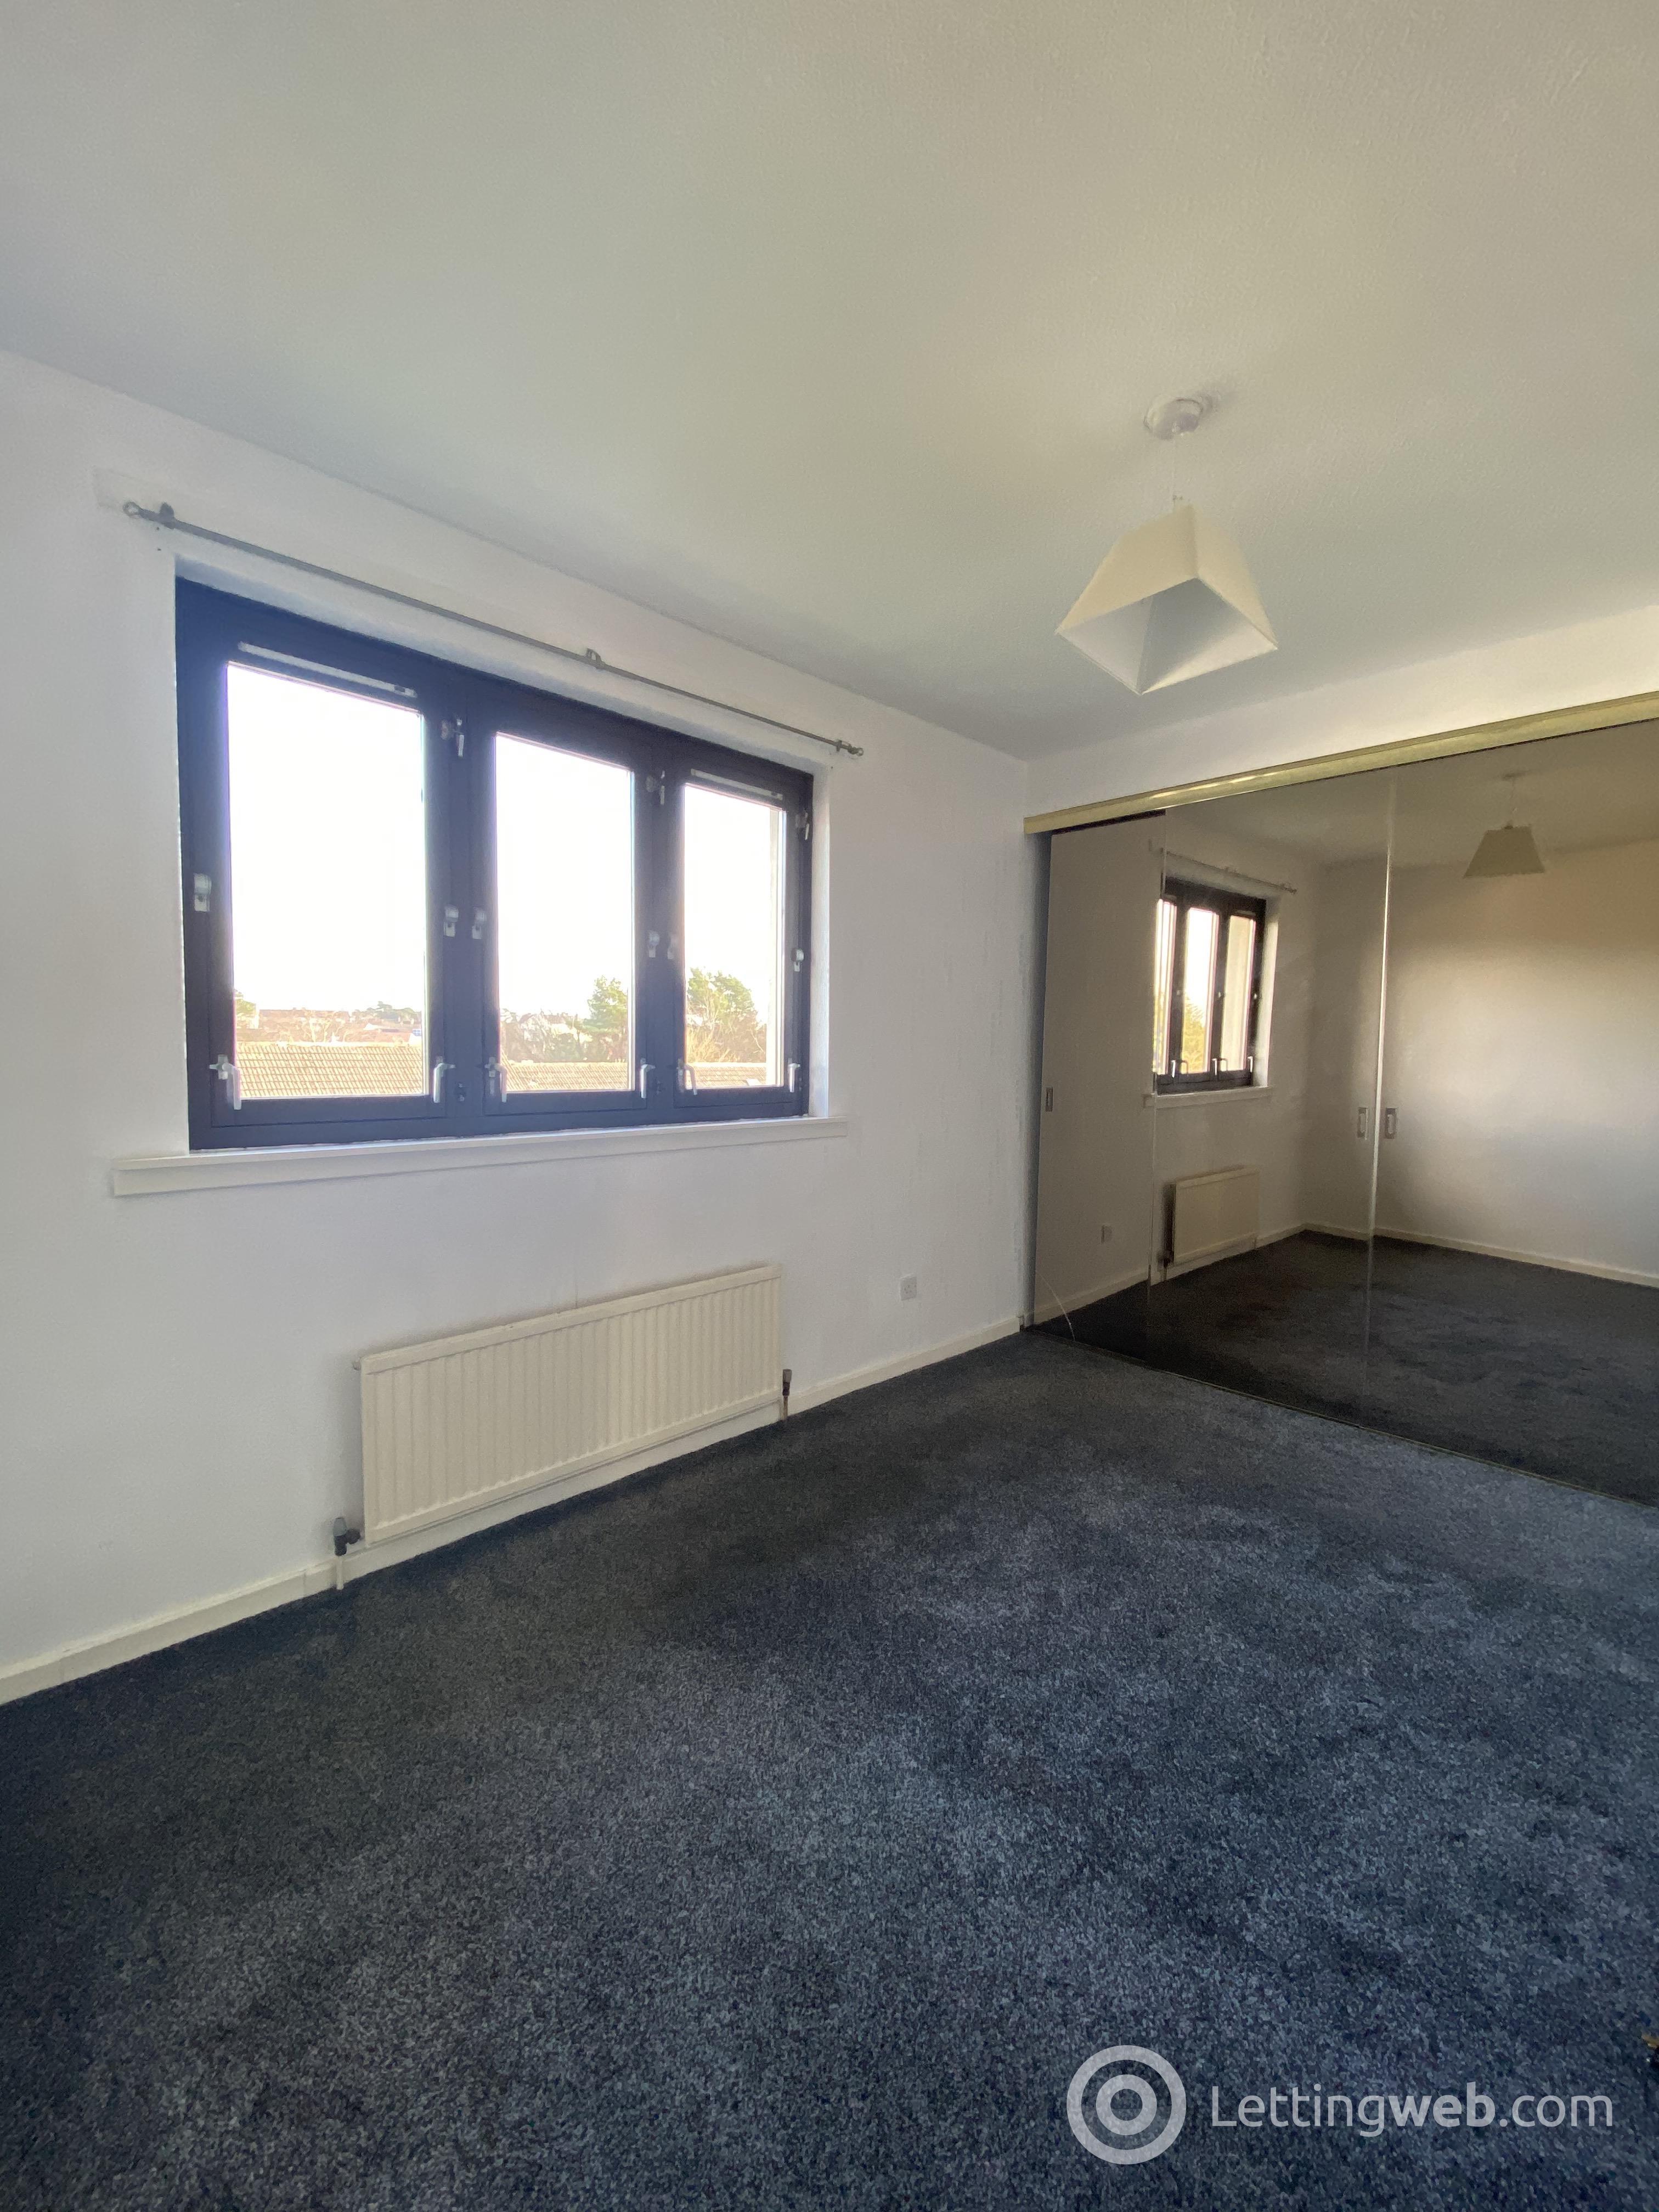 Property to rent in Urquhart Drive, East Kilbride, G74 4DE